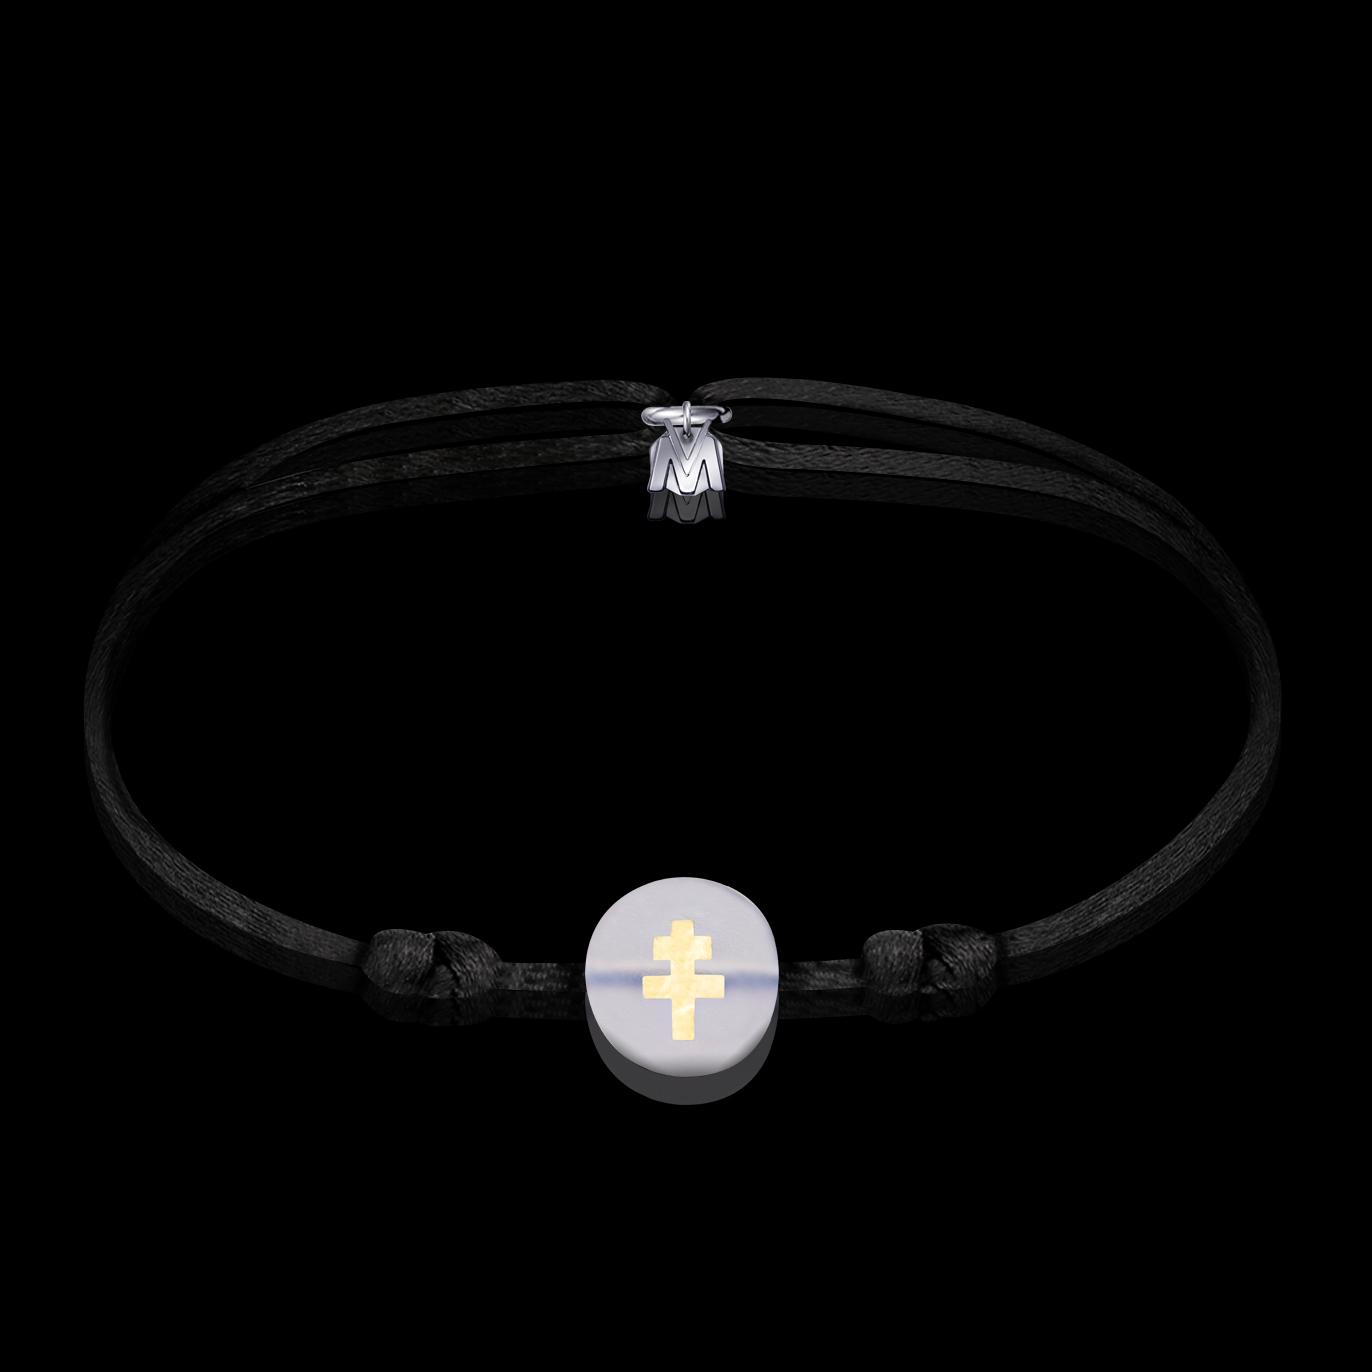 bracelet-croix-de-lorraine-verre-incolore